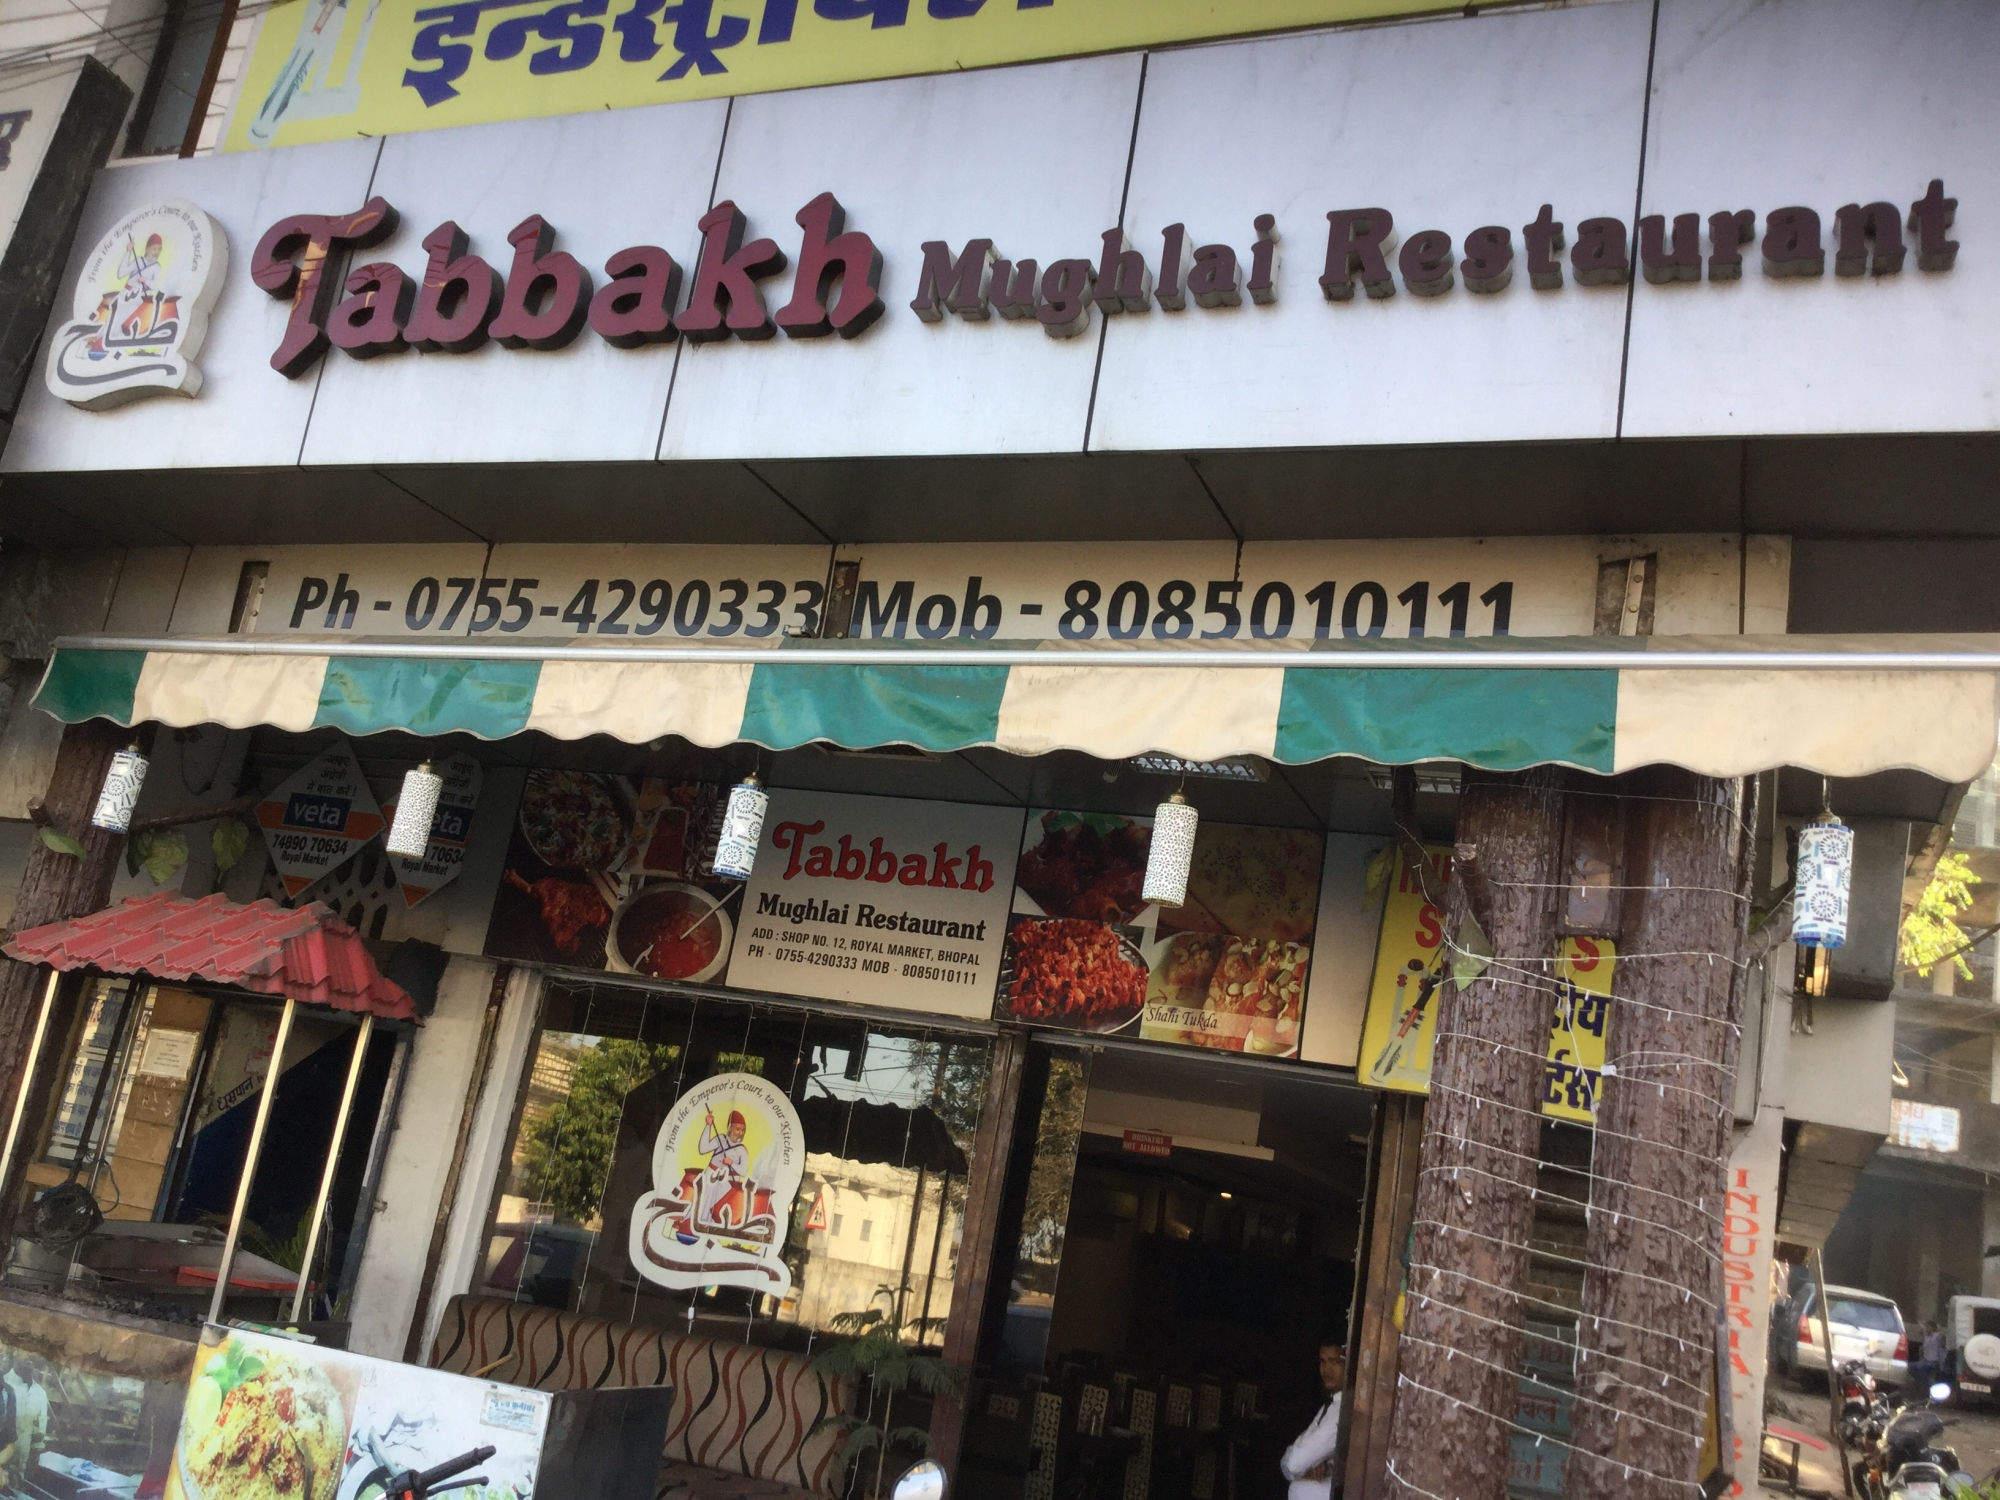 Tabbakh - Kohefiza - Bhopal Image